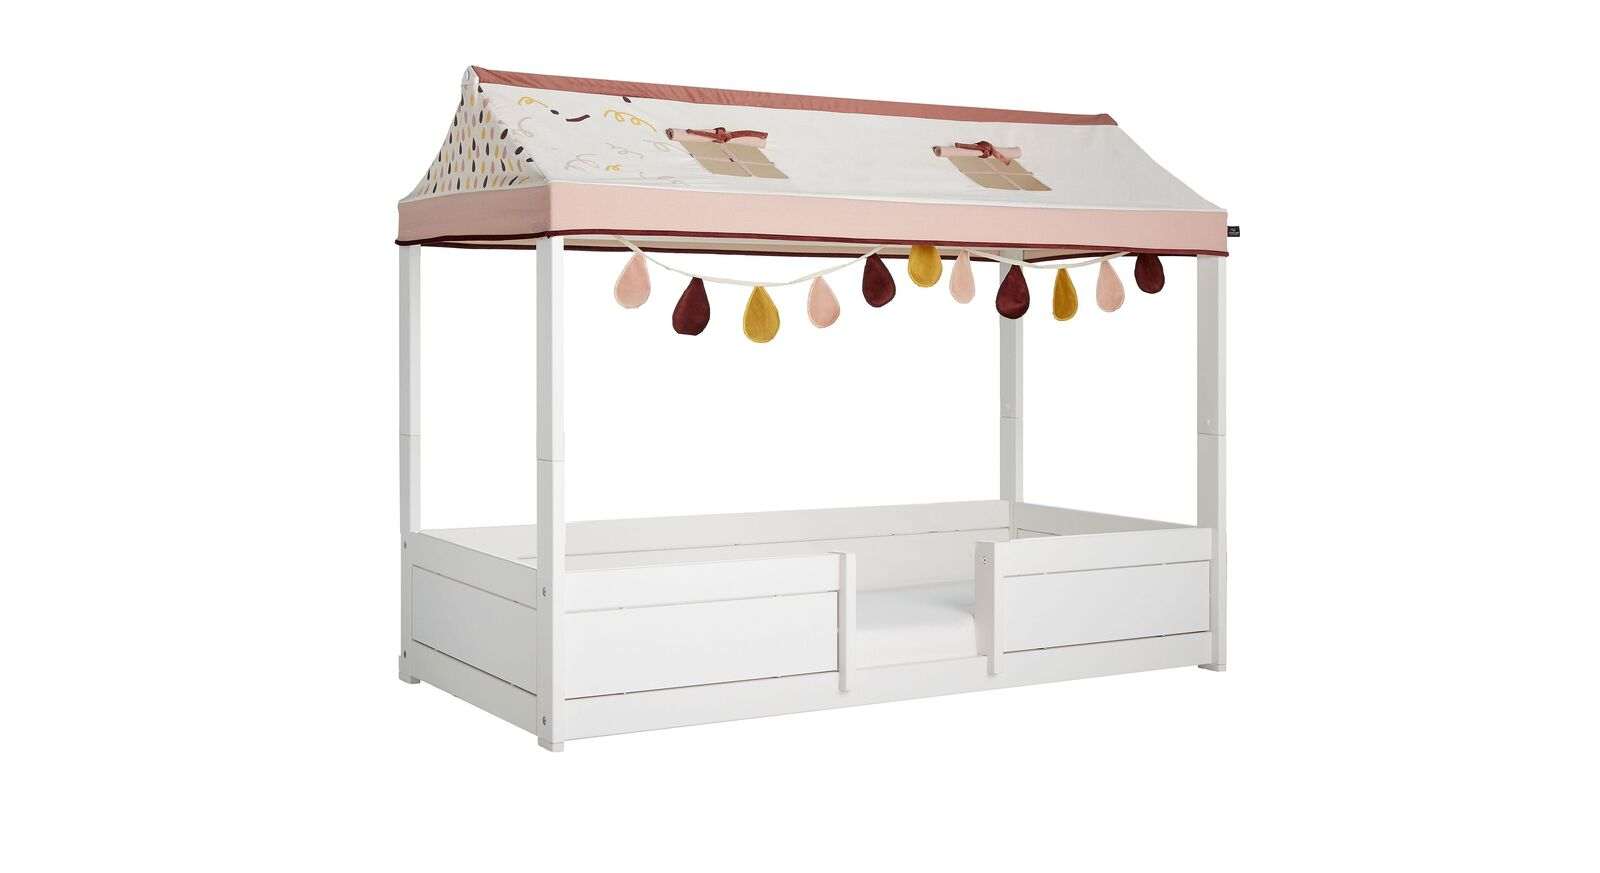 LIFETIME Kinderbett 4-in-1 Funland mit Fenstern im Stoffdach